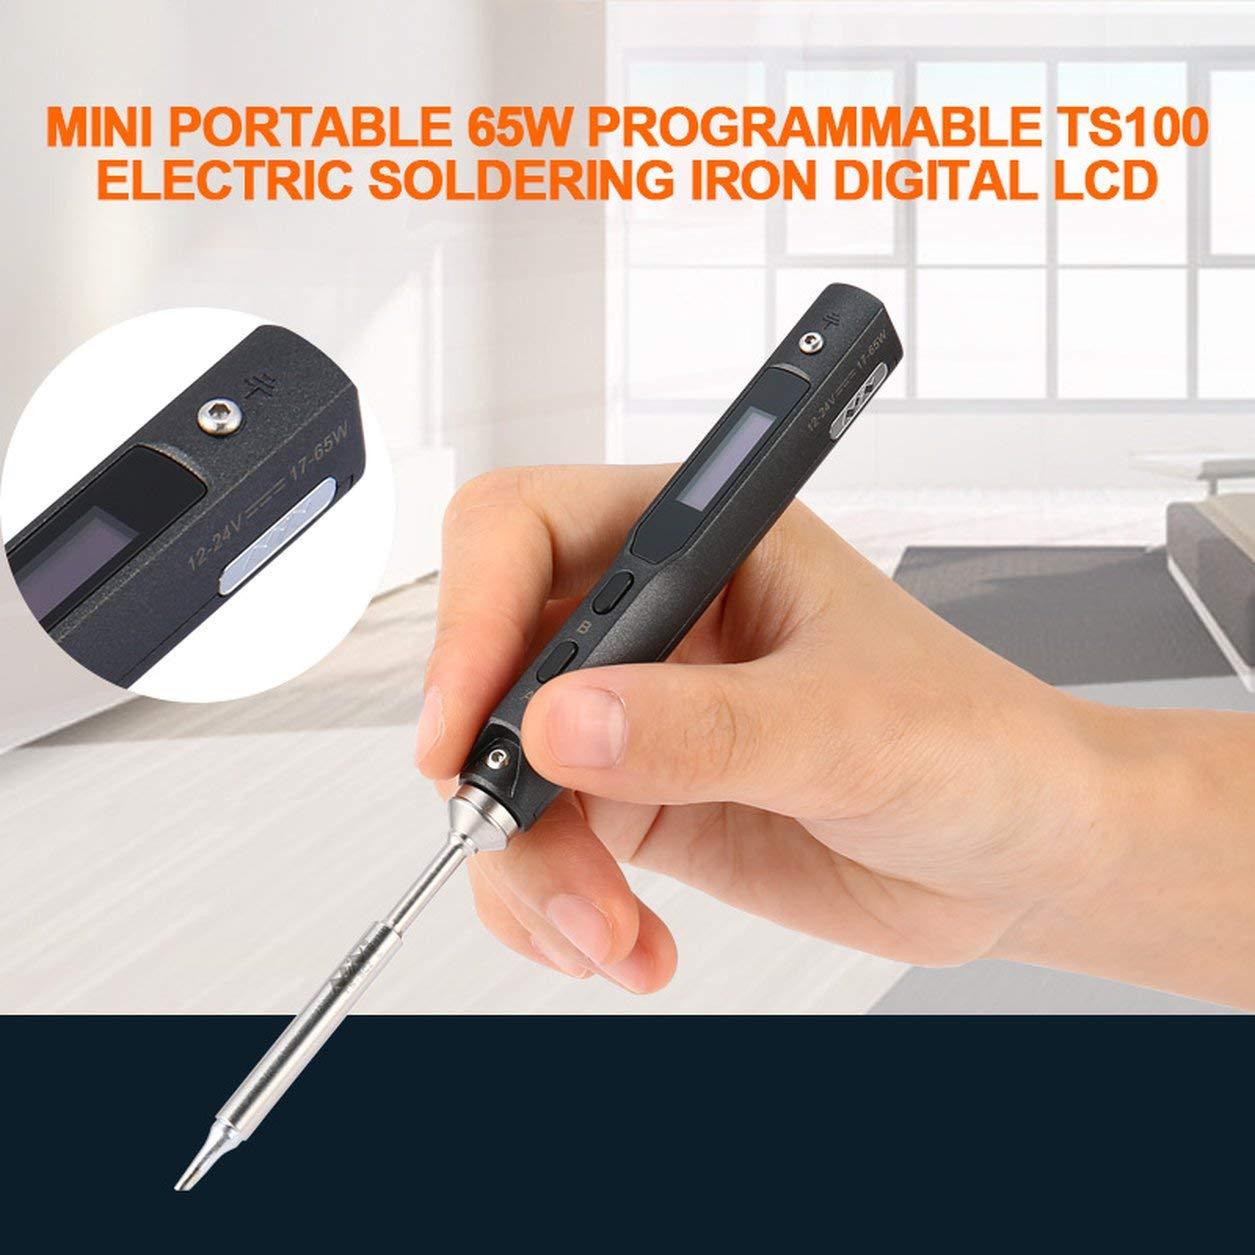 Elegante Set da 1 Mini Portatile da 65 W programmabile TS100 Saldatore Elettrico Digitale LCD Facile da disinstallare risparmiando spazio